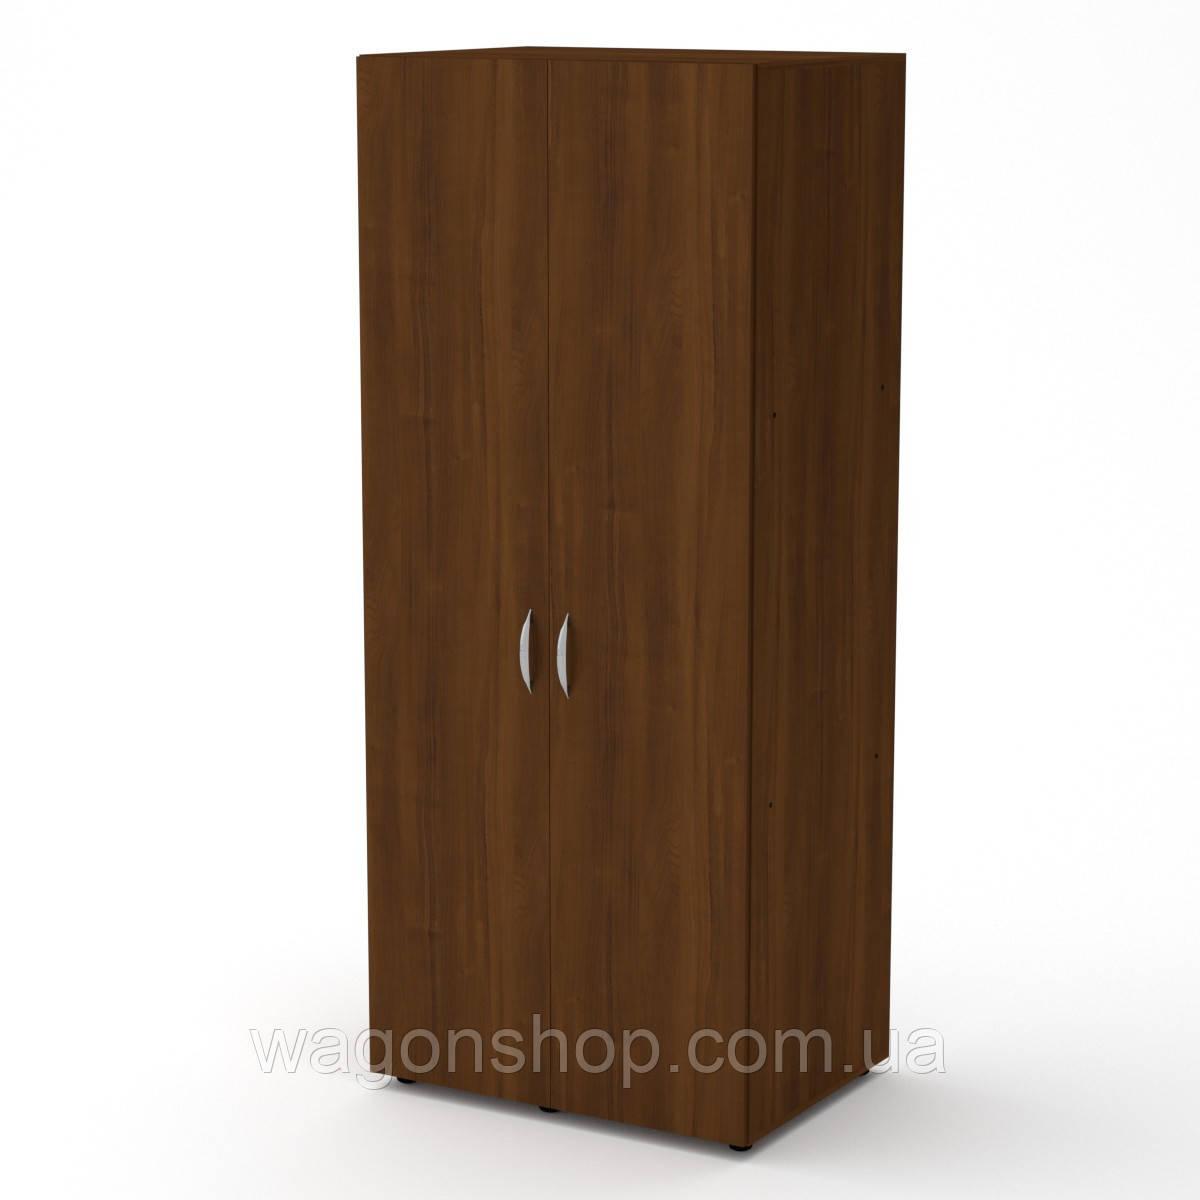 Шкаф для спальни Компанит ШКАФ-18